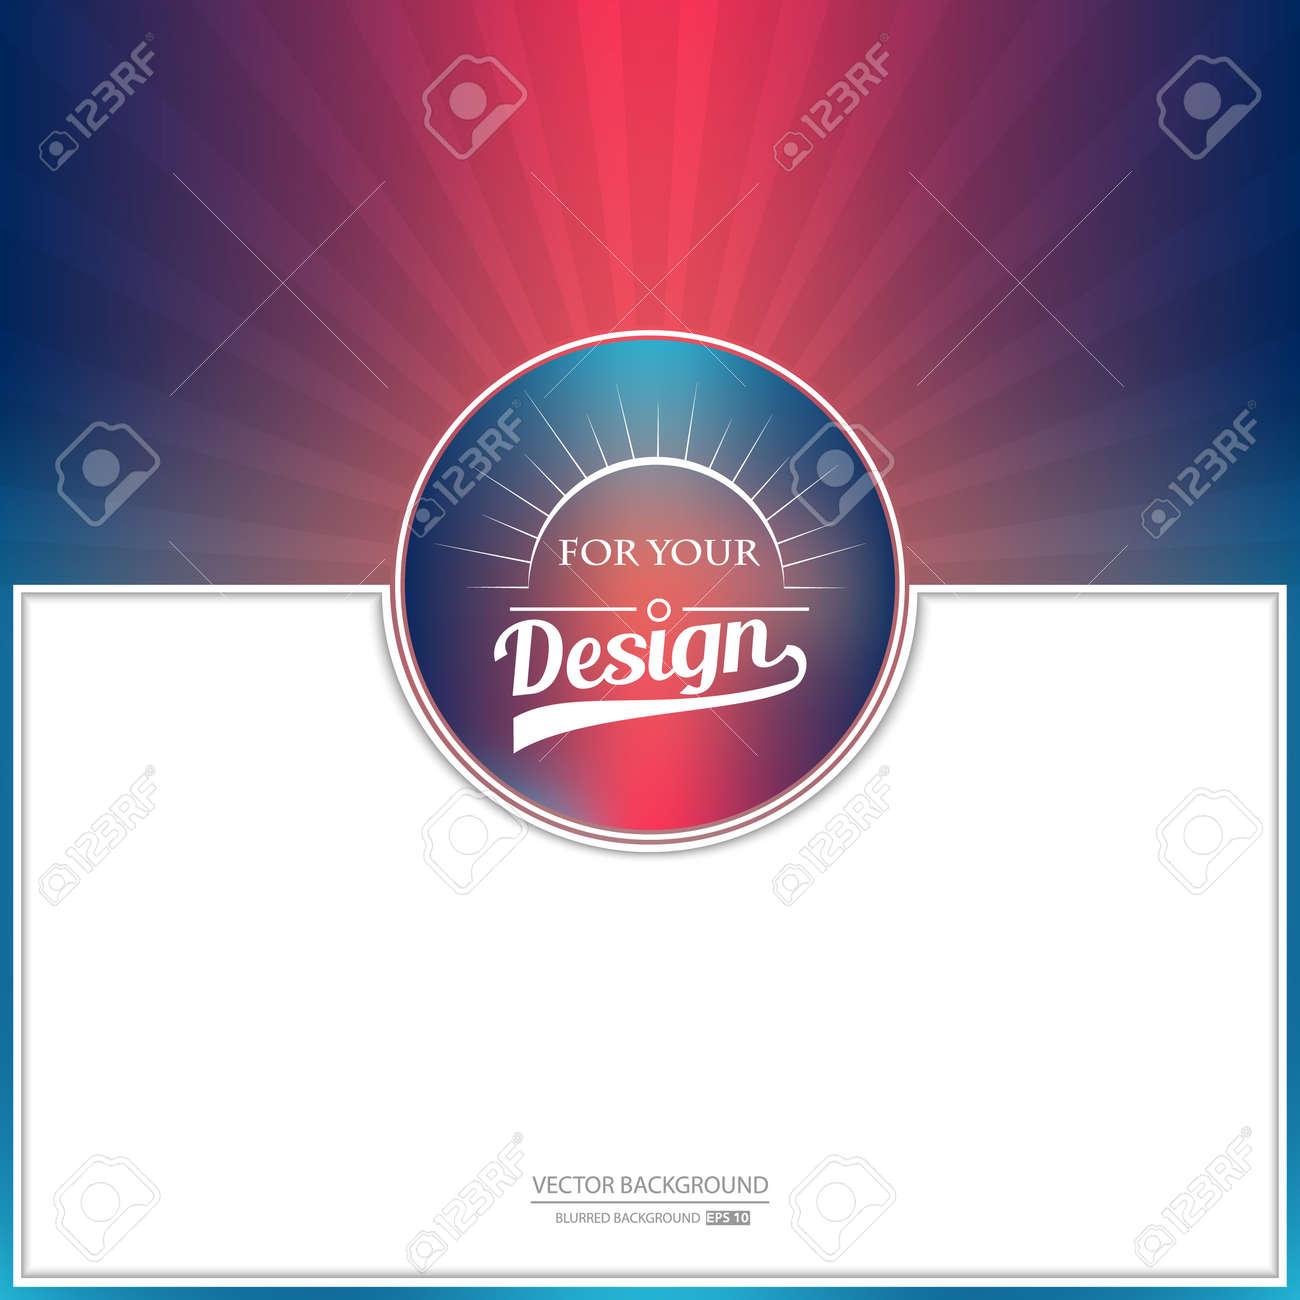 Vektor-Hintergrund Für Web, Kunst-Seite-Design, Plan-Karte, Seite ...